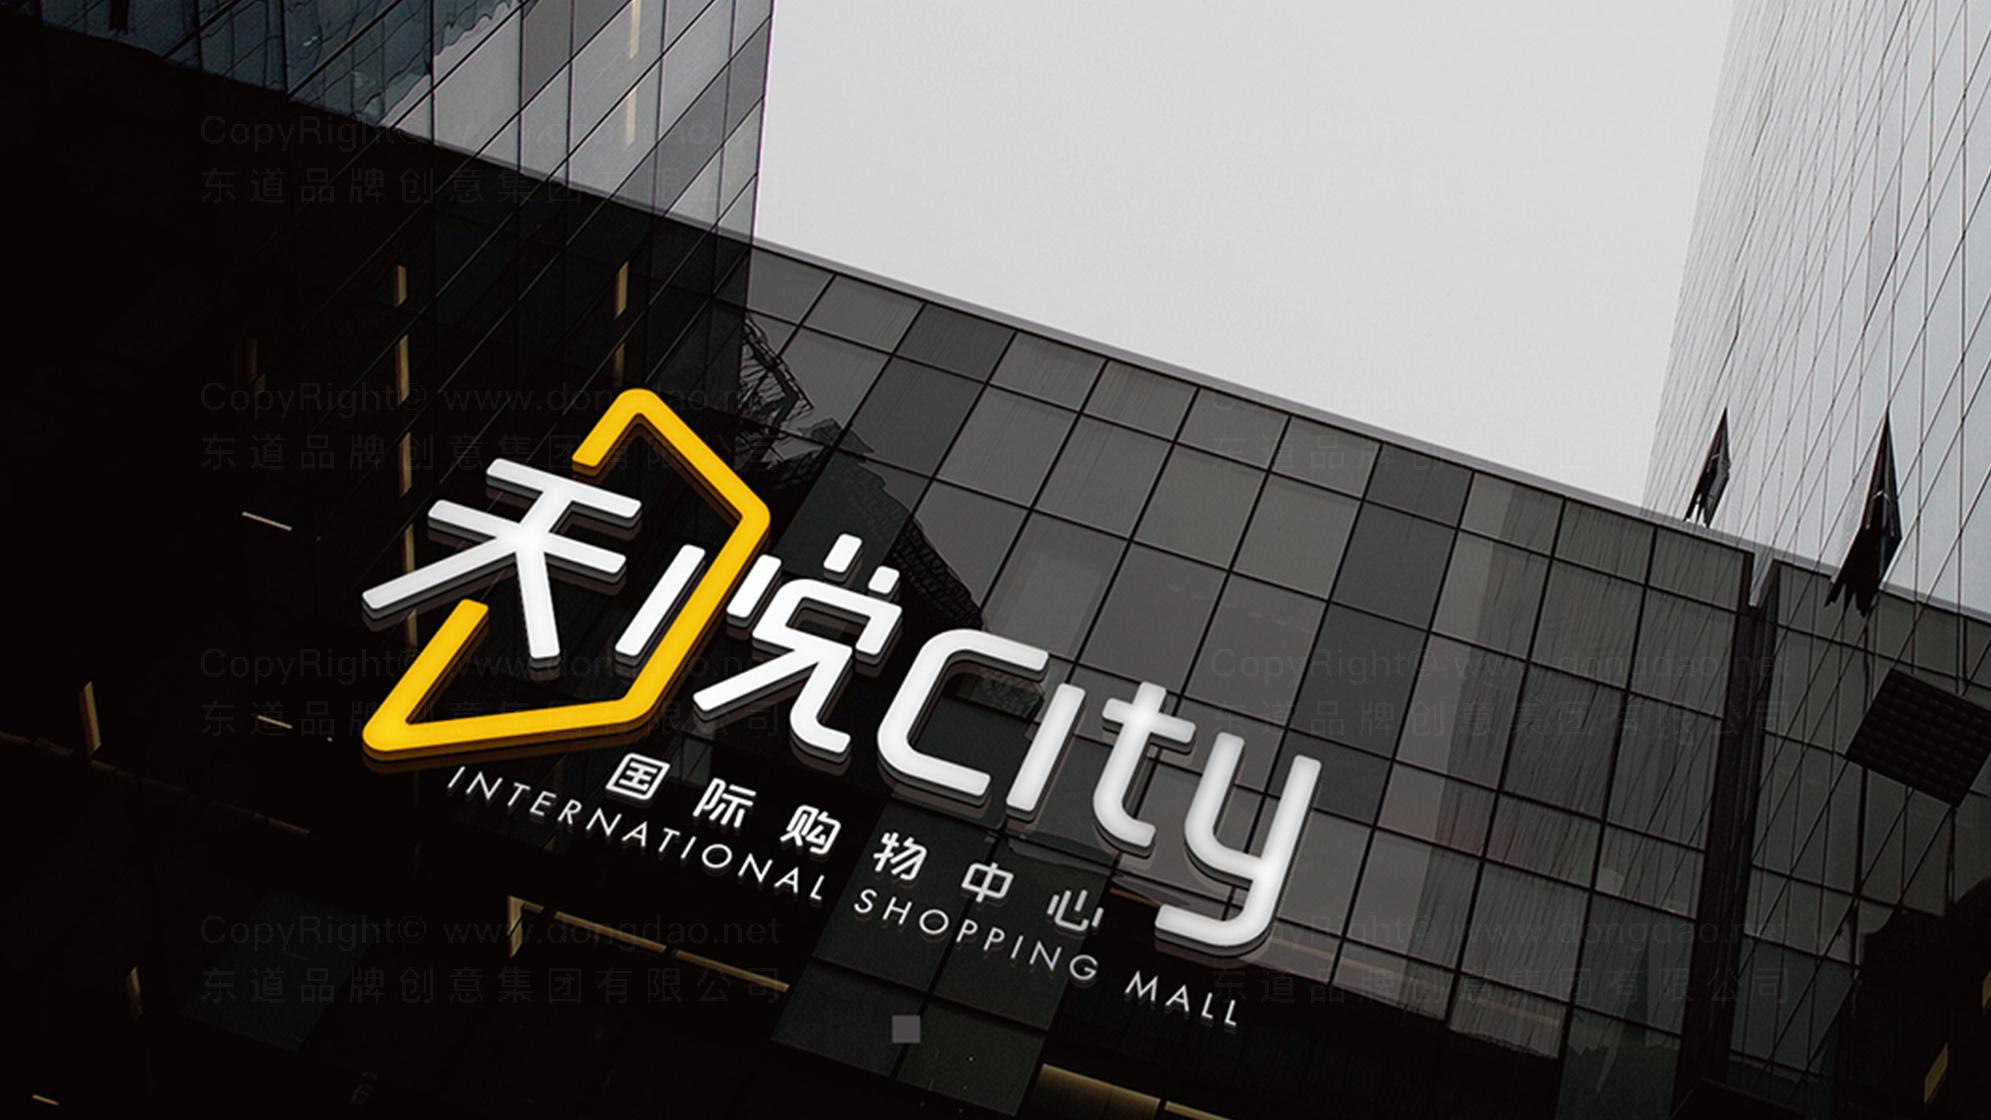 品牌设计天悦购物中心LOGO&VI设计应用场景_1